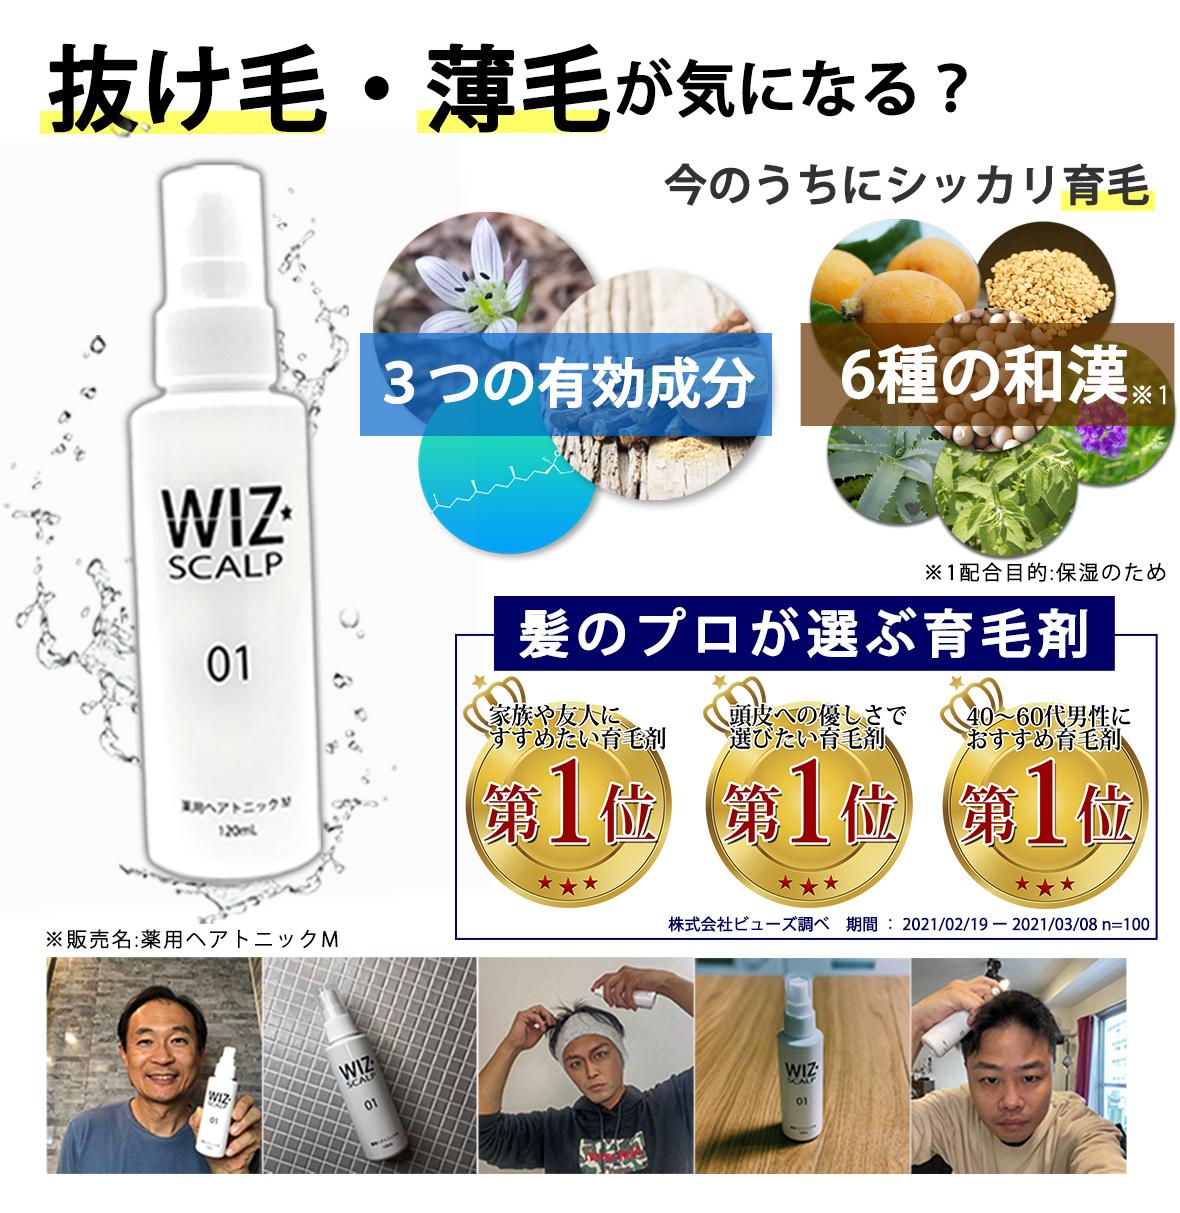 9つの効果・効能が認められた育毛剤!WIZ SCALP 01 ウィズスカルプ01